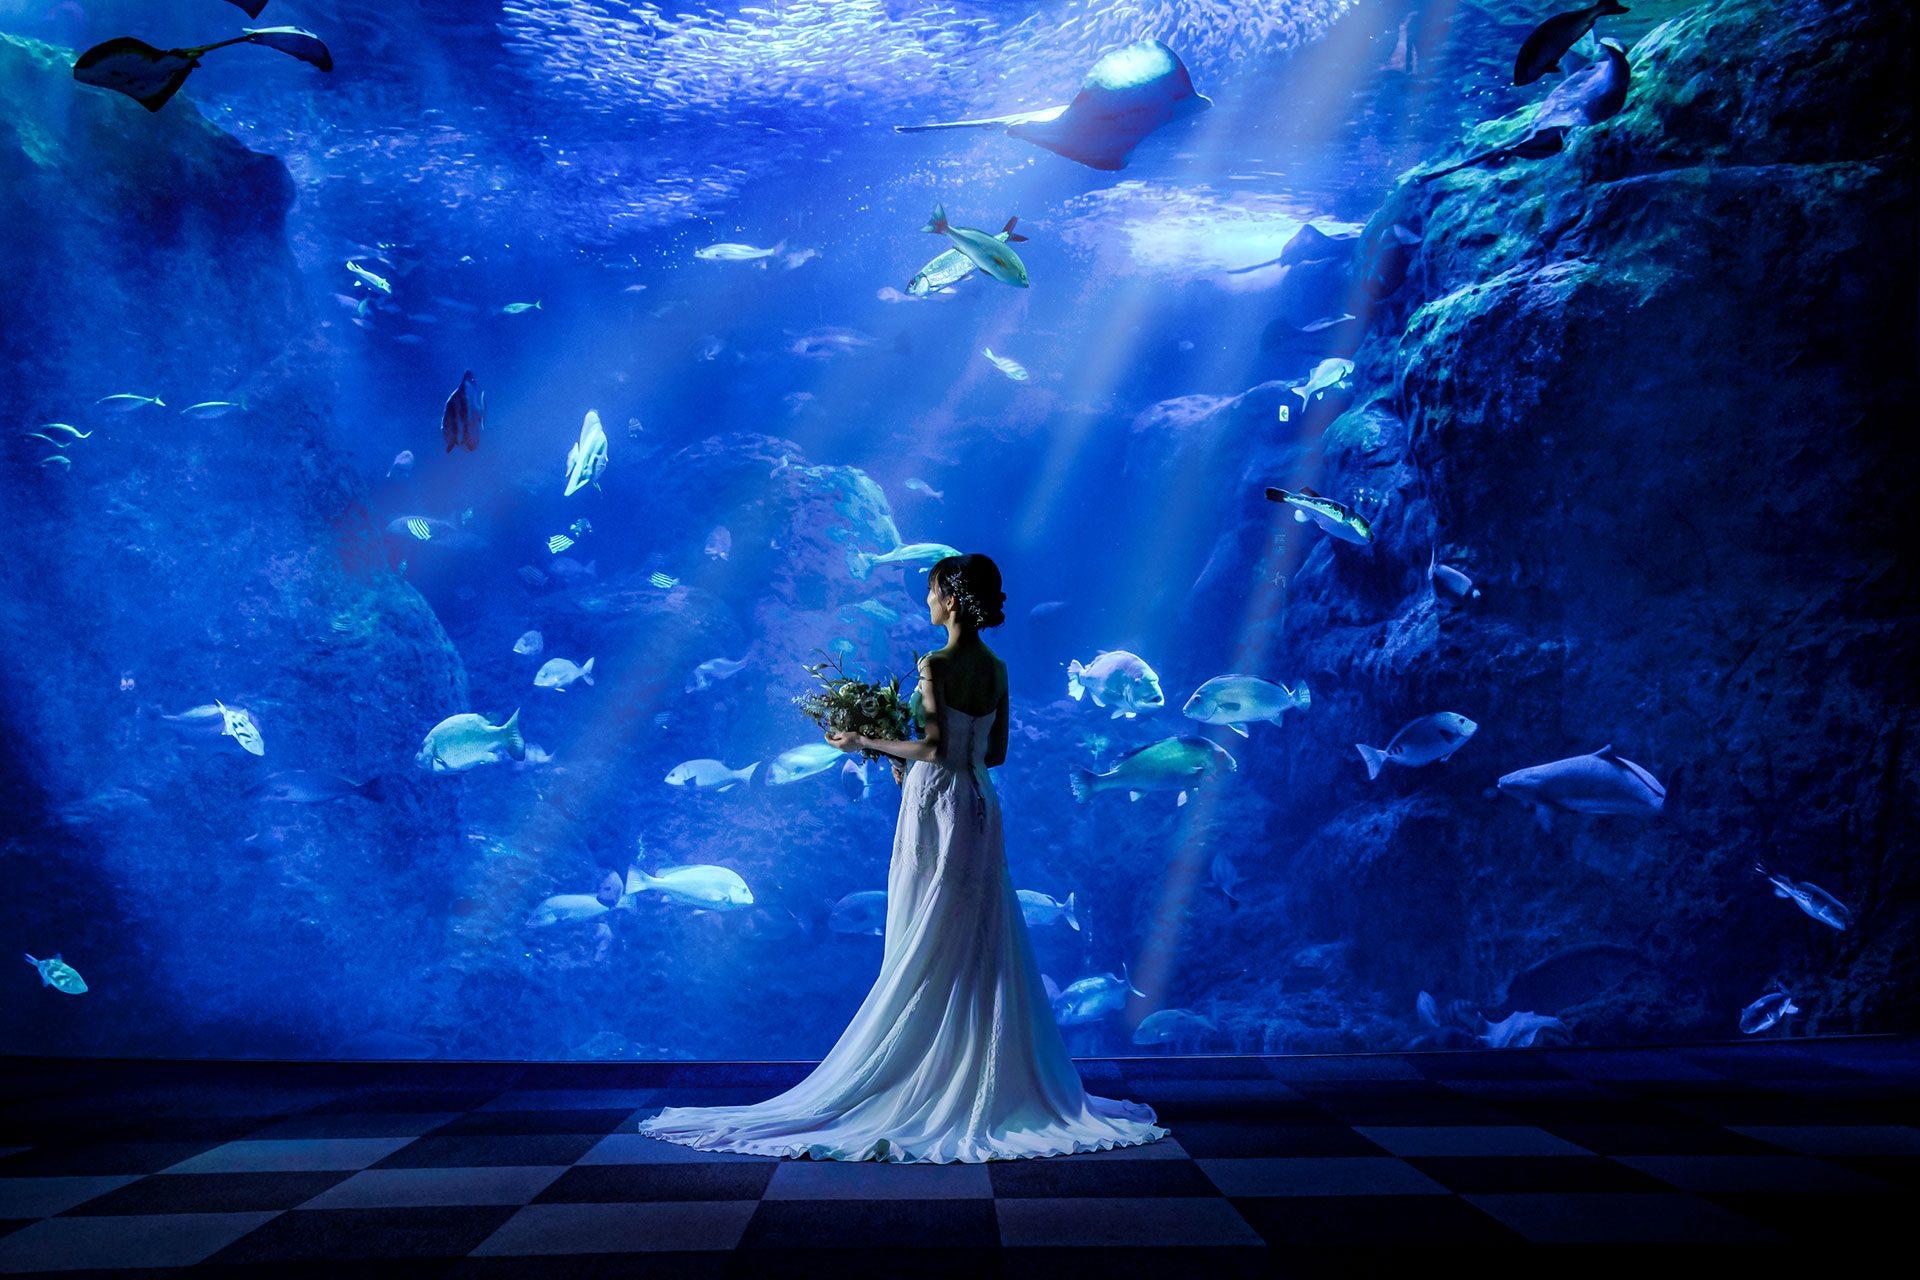 湘南・江ノ島の自然溢れるスポットで絵画のような写真を残しましょう。